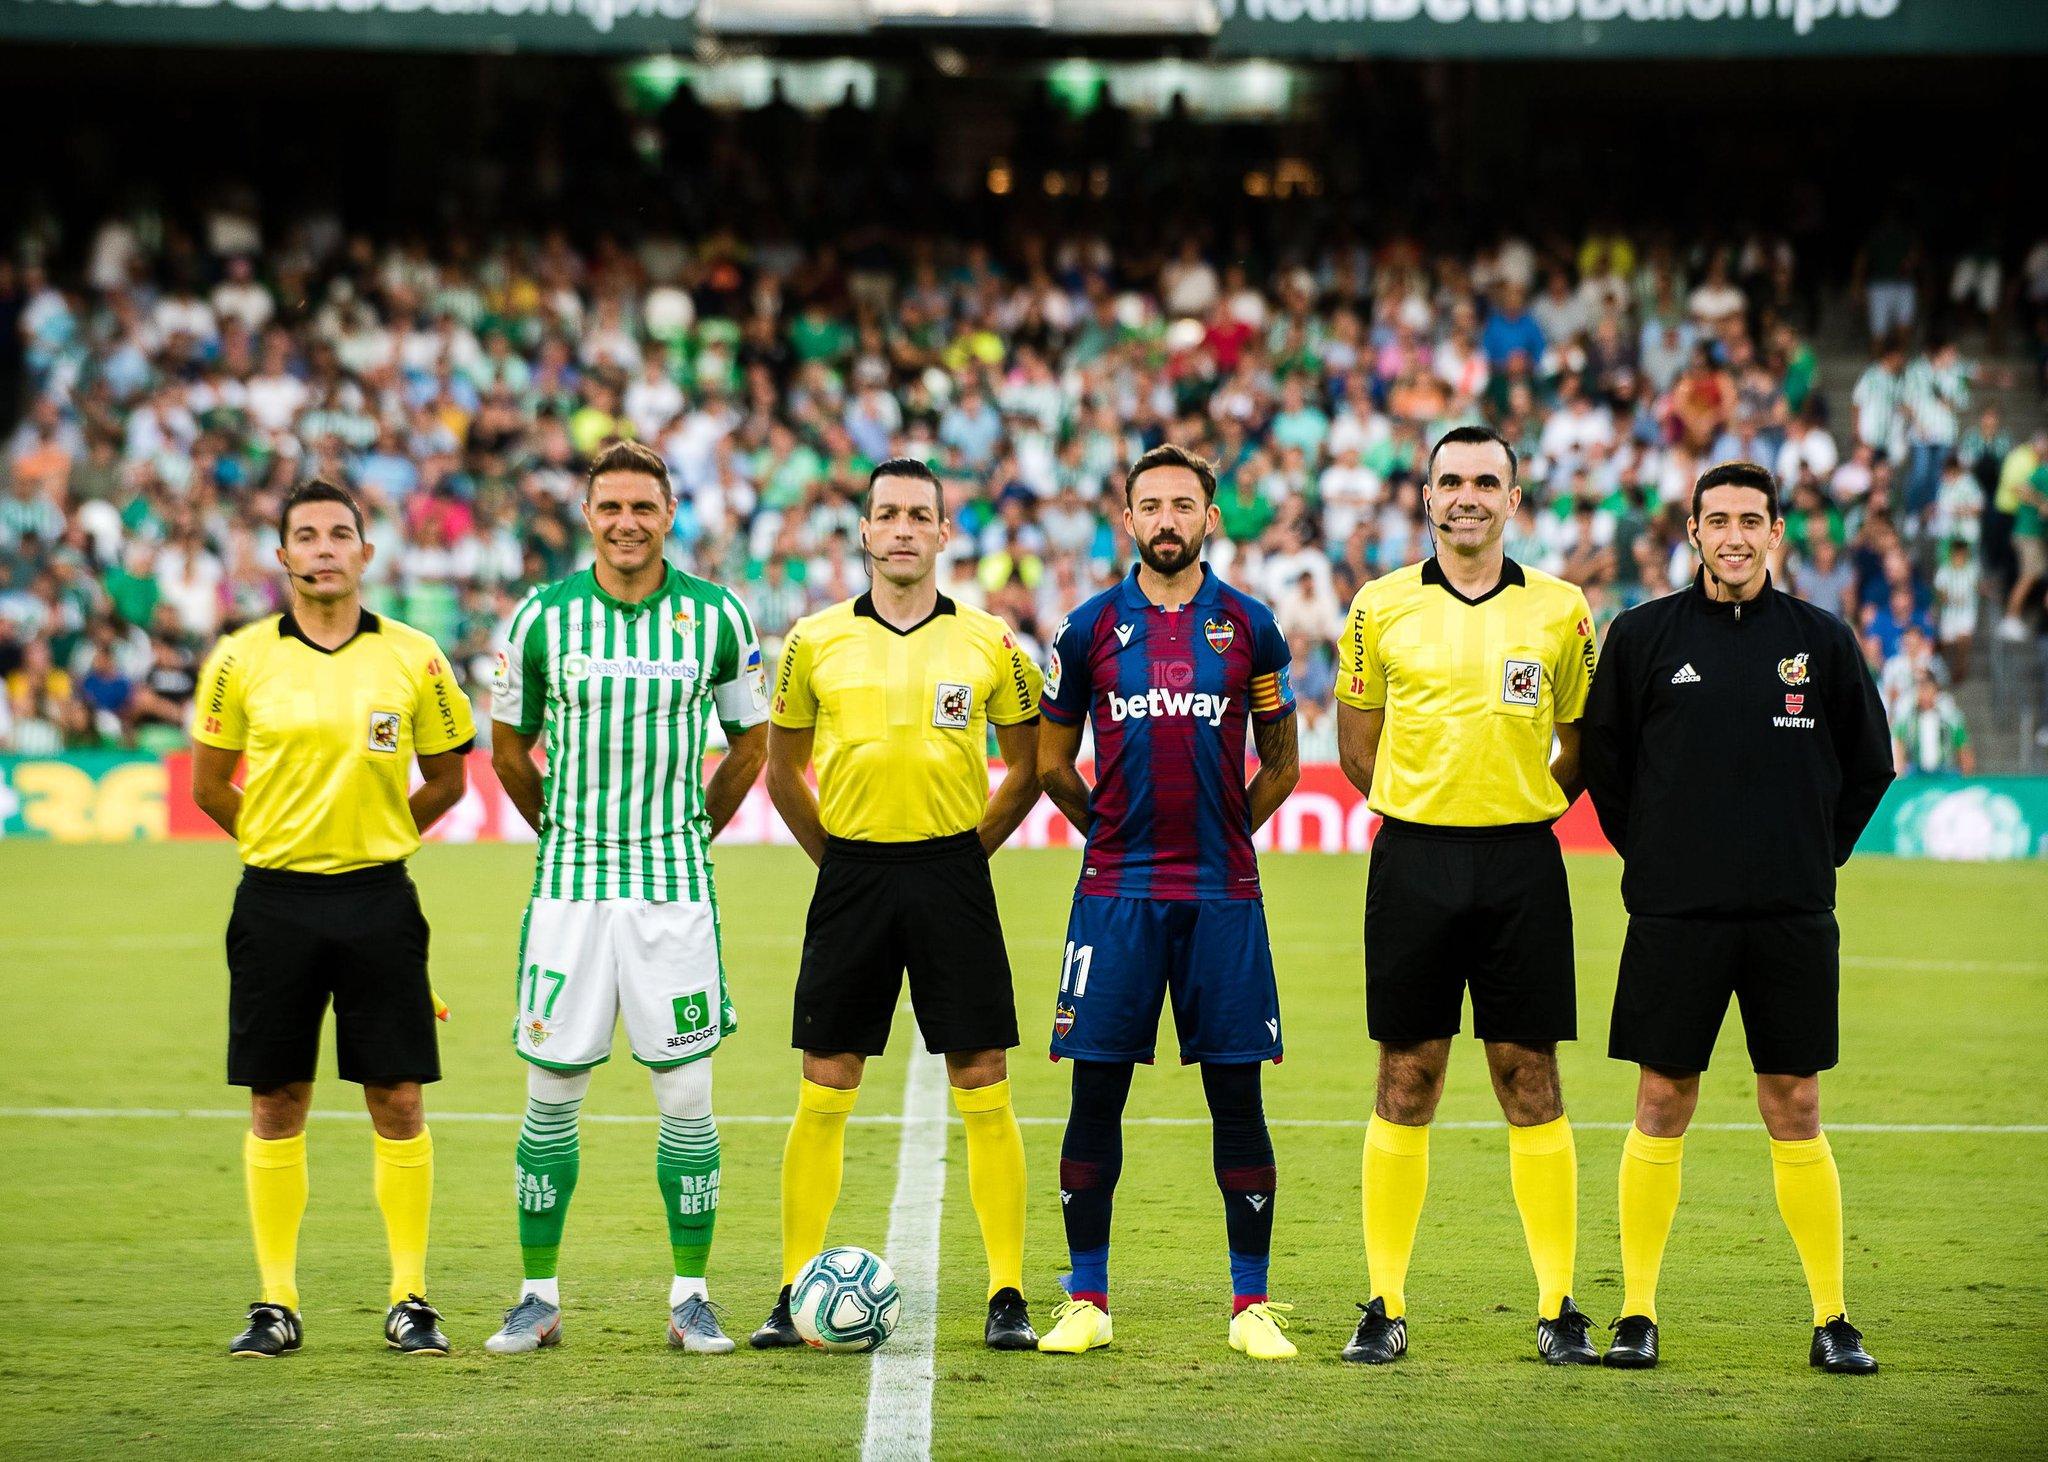 ¿Cuánto mide Joaquín Sánchez? (Futbolista) - Altura - Página 2 EiHVNn5XkAEphEI?format=jpg&name=large